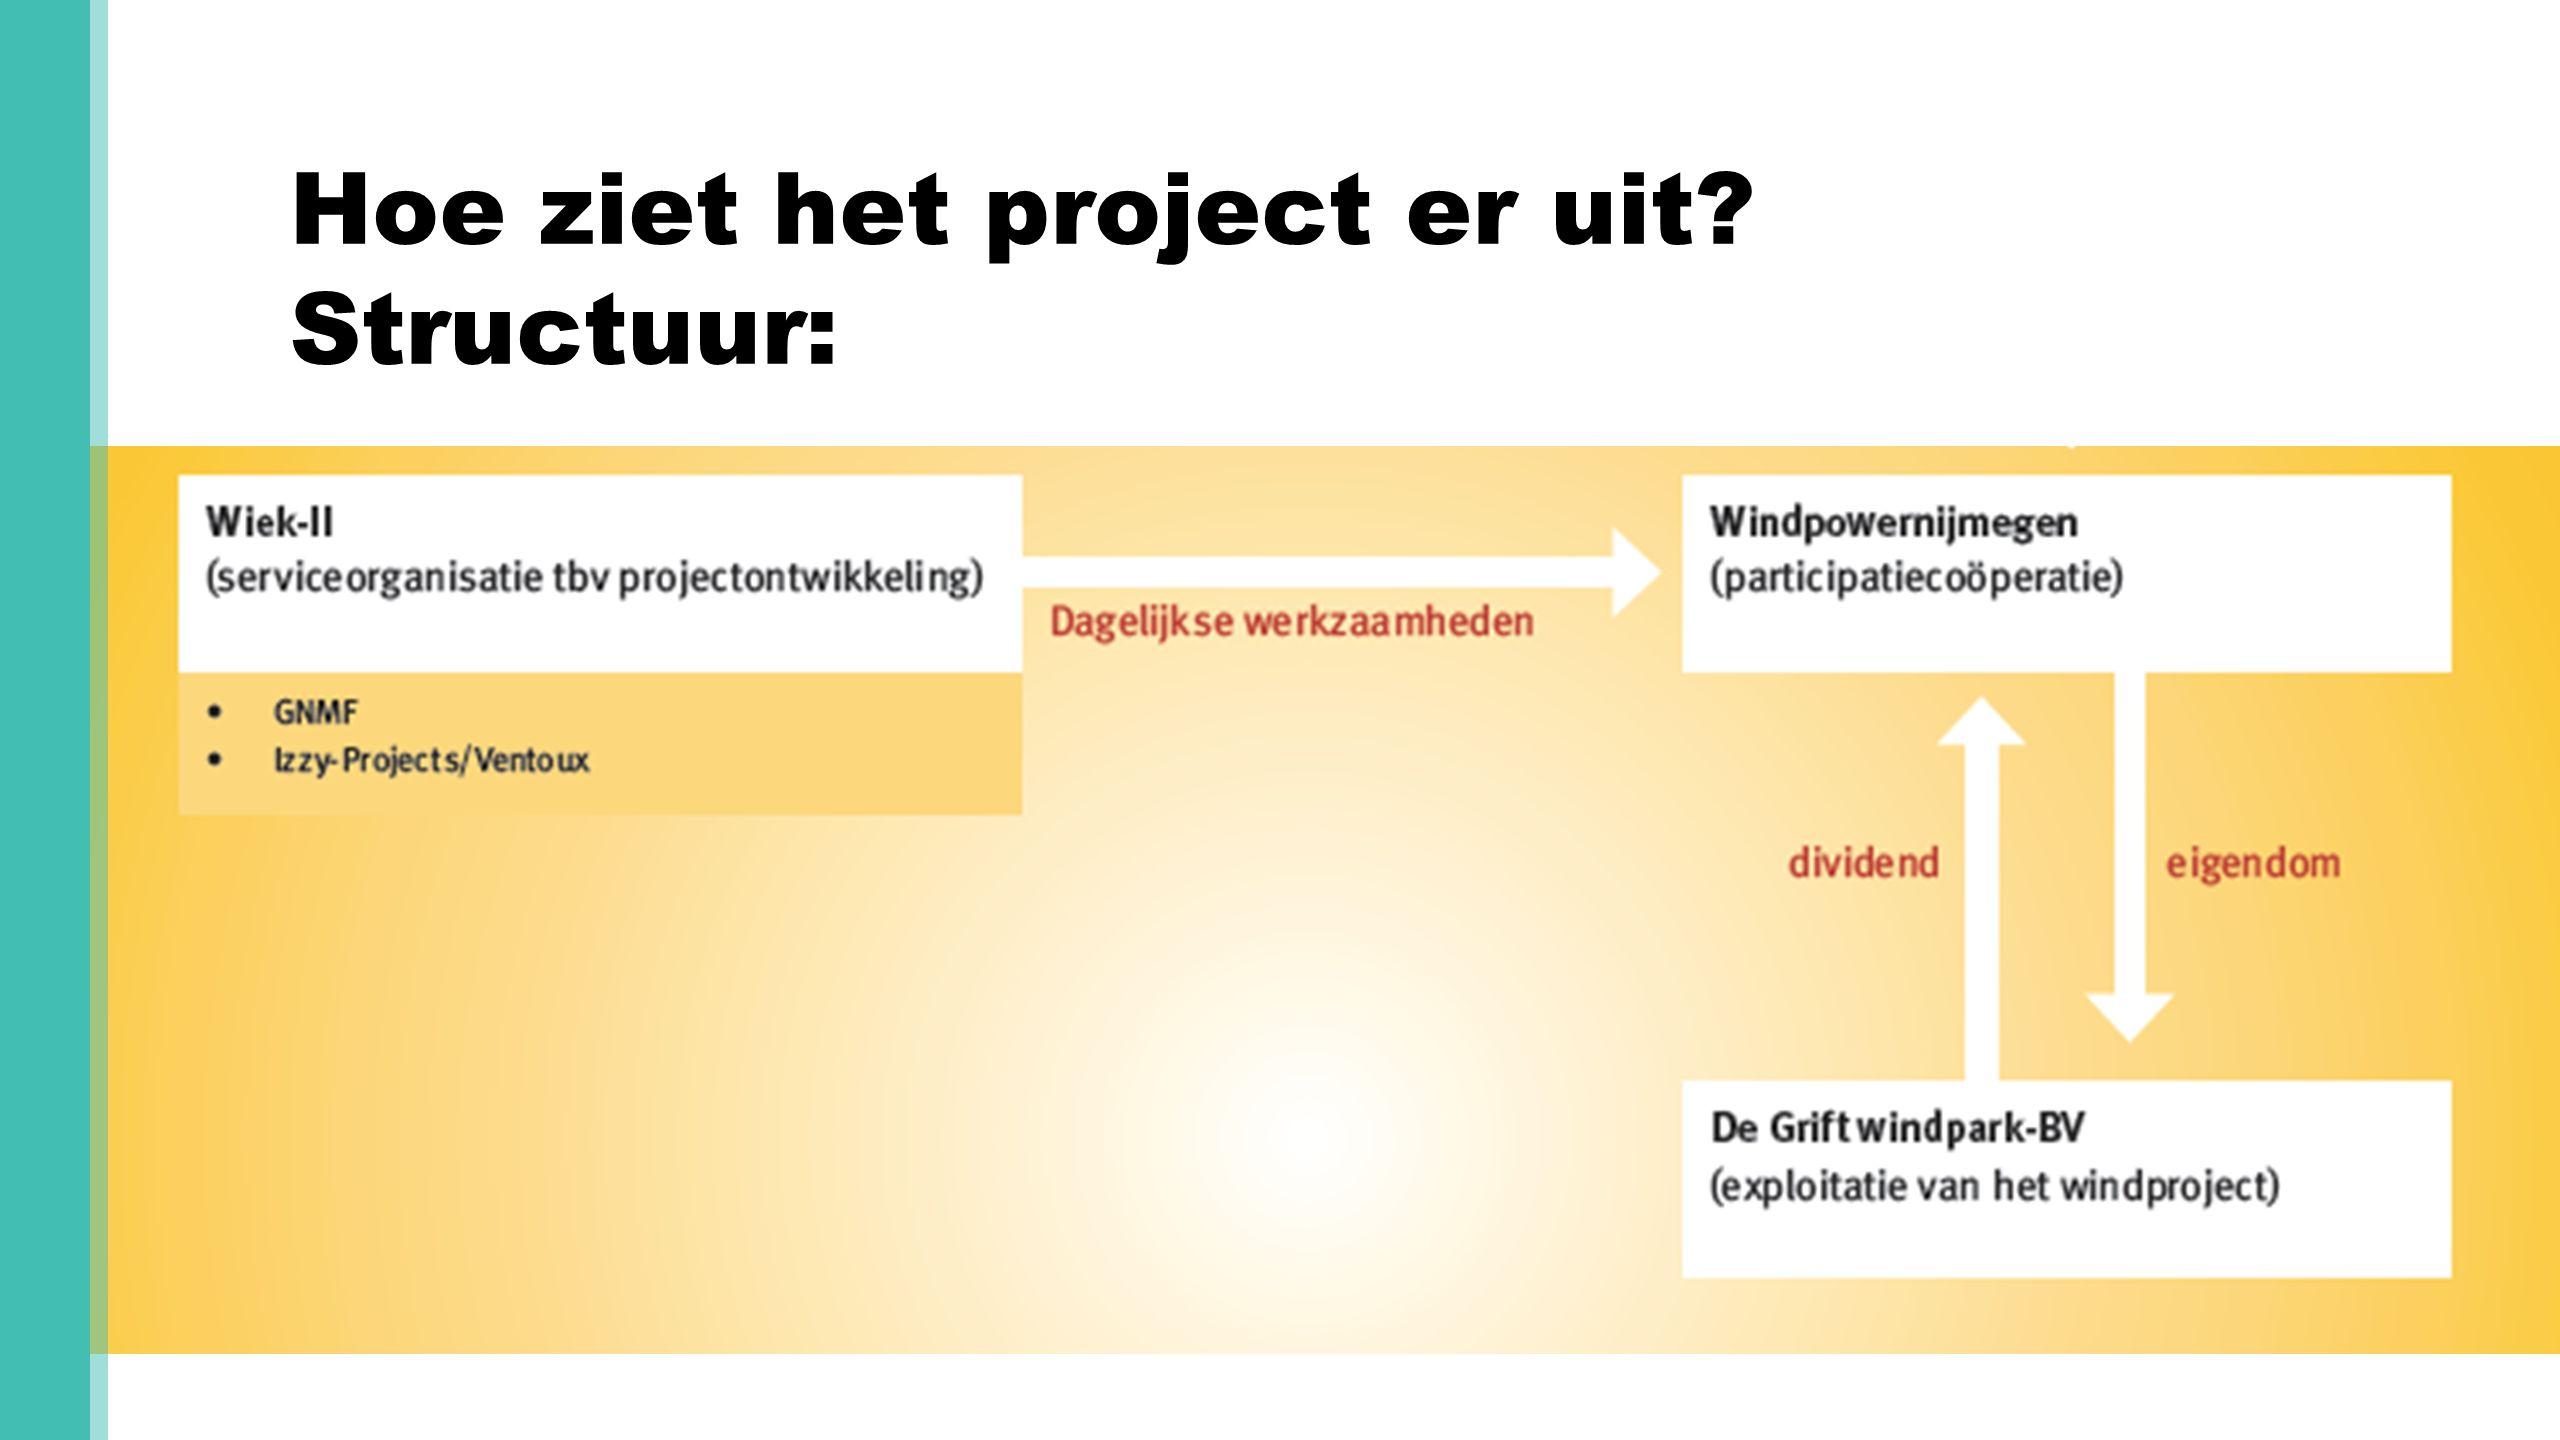 Hoe ziet het project er uit